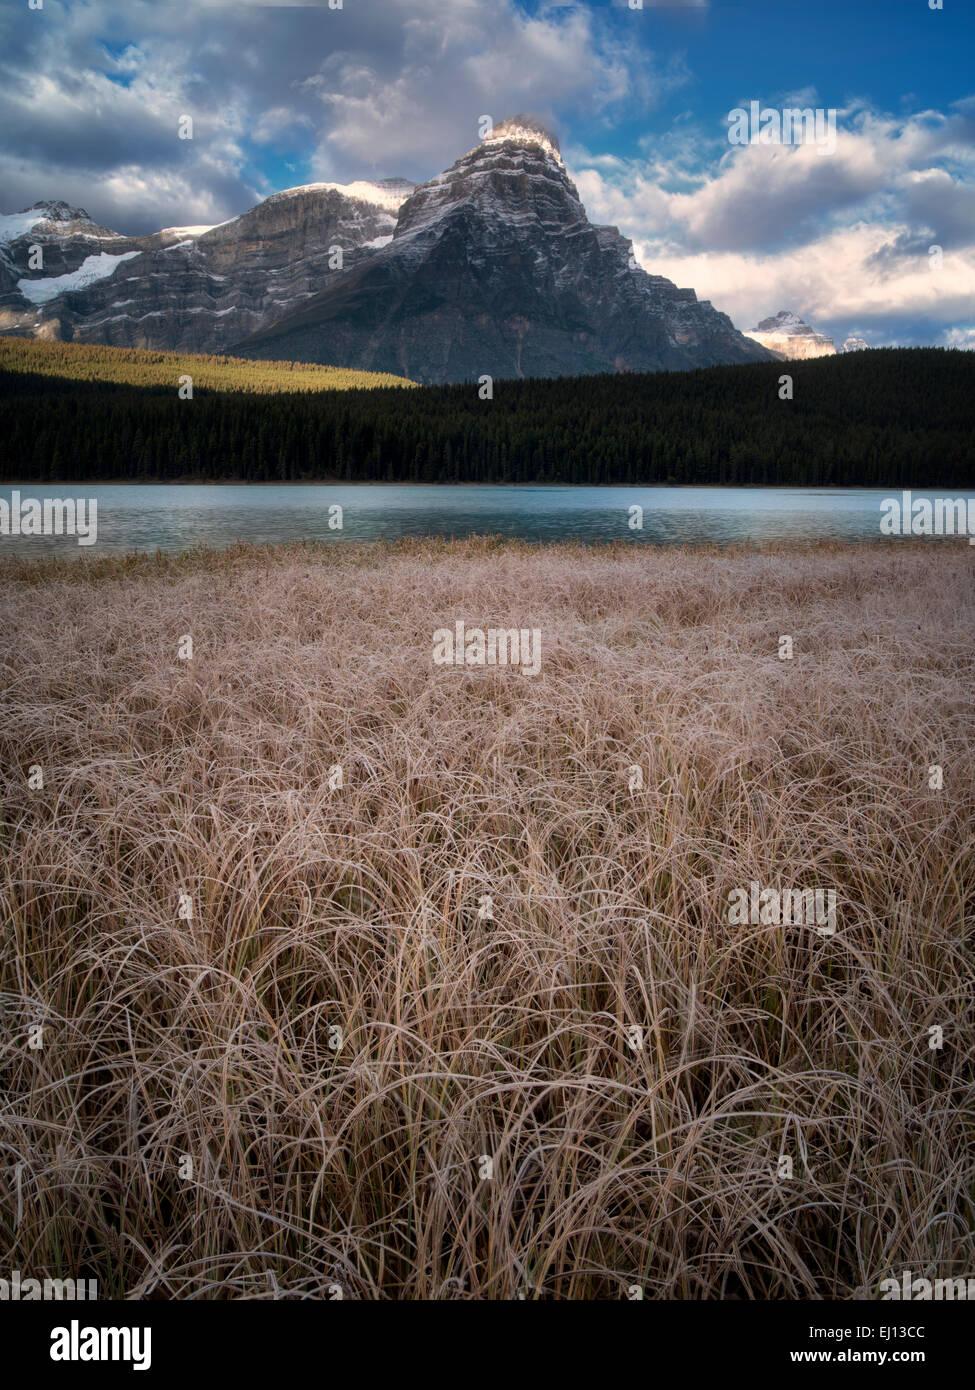 Lagos de aves acuáticas con frosty pastos y montañas. Parque Nacional de Banff, Alberta, Canadá. Foto de stock